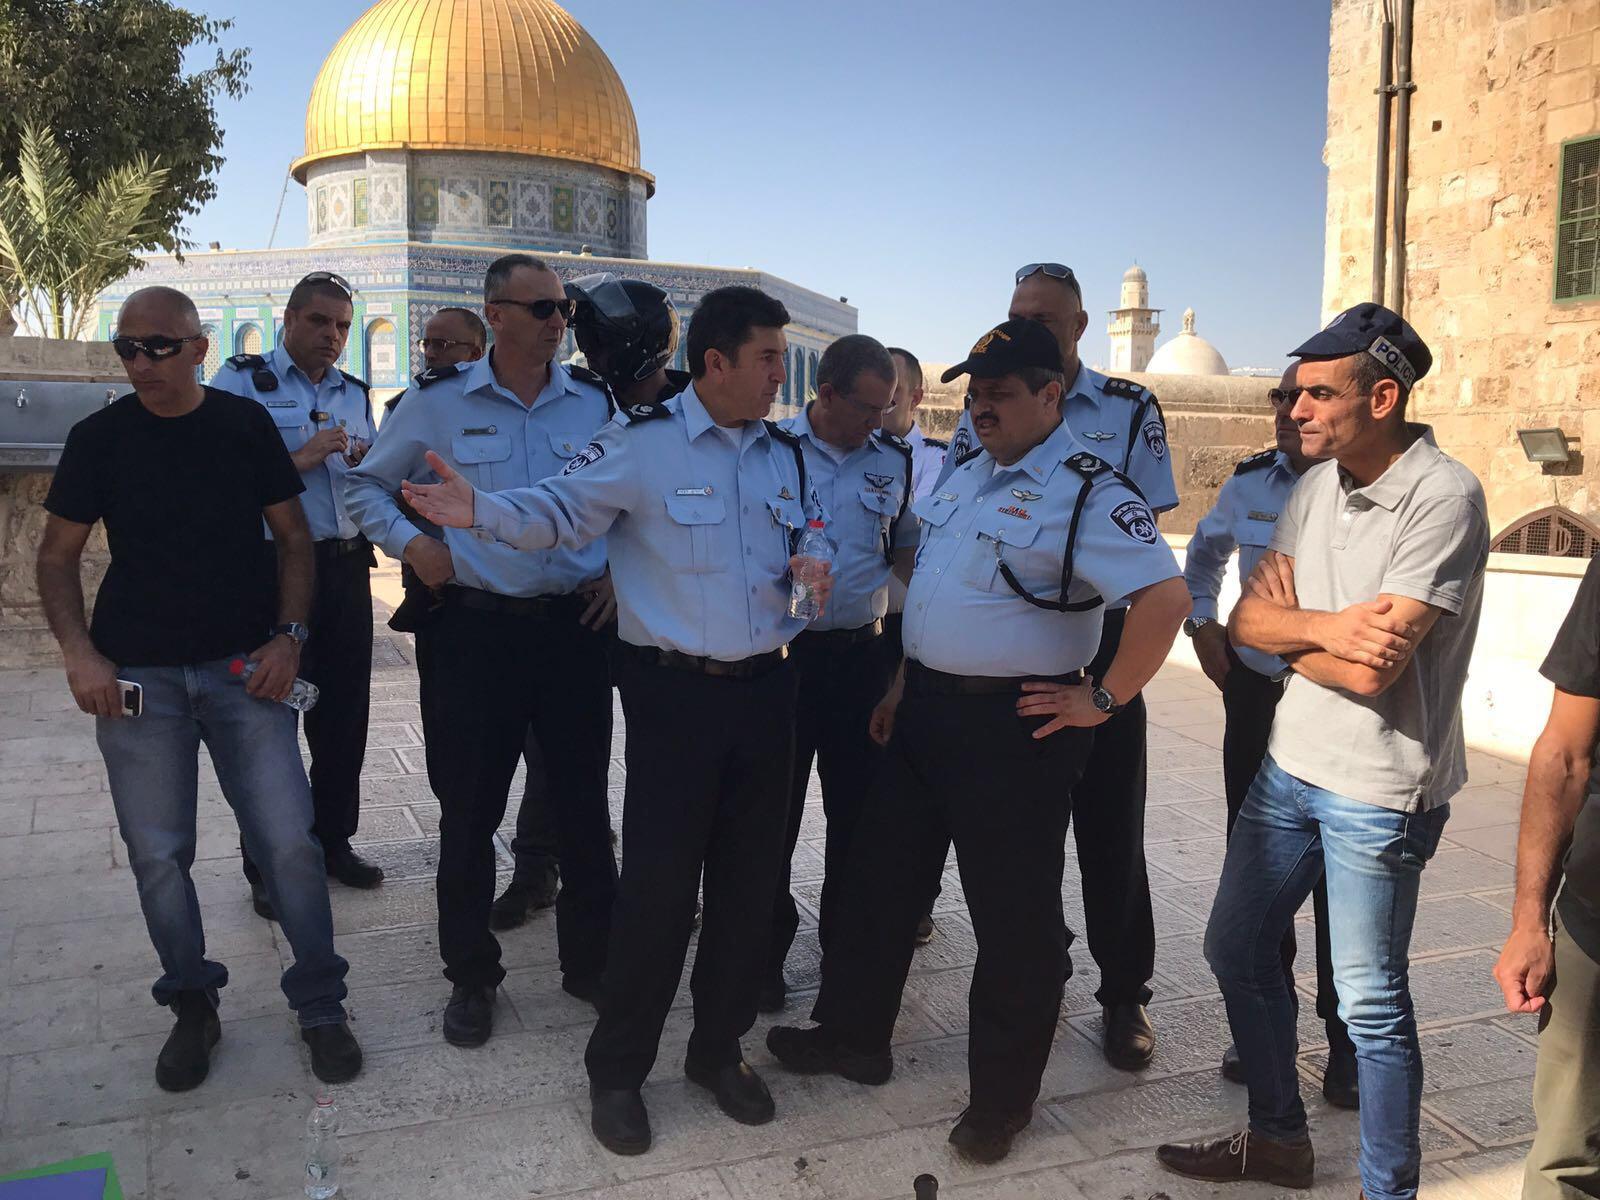 רגע אחרי רגע: הפלסטינים תיעדו את הפיגוע בהר הבית • צפו